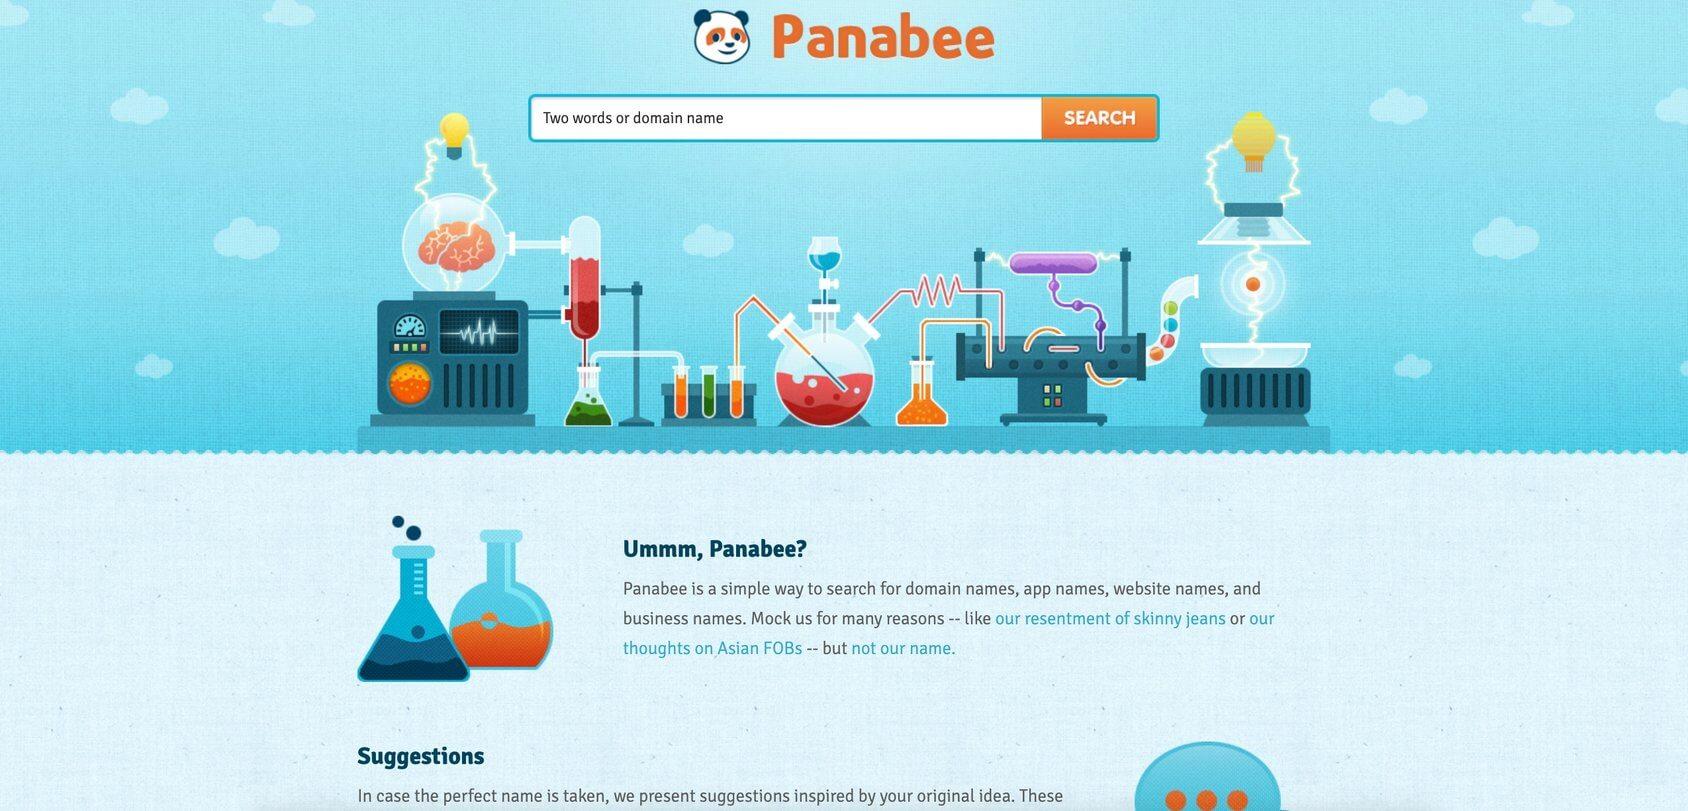 Panabee homepage